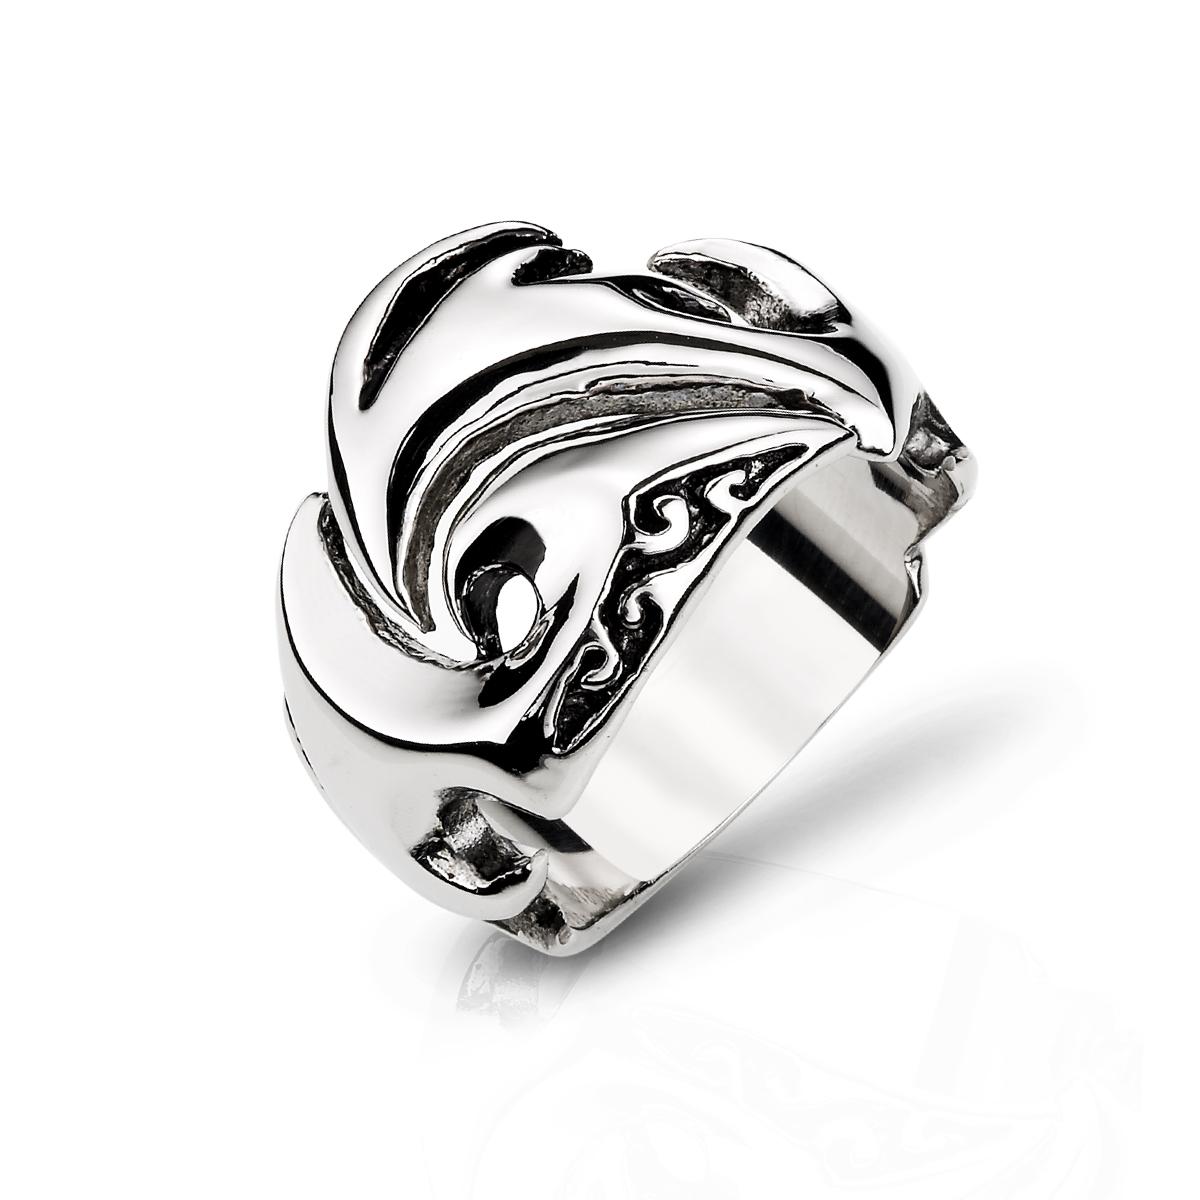 K42 個性勇氣風範戒指